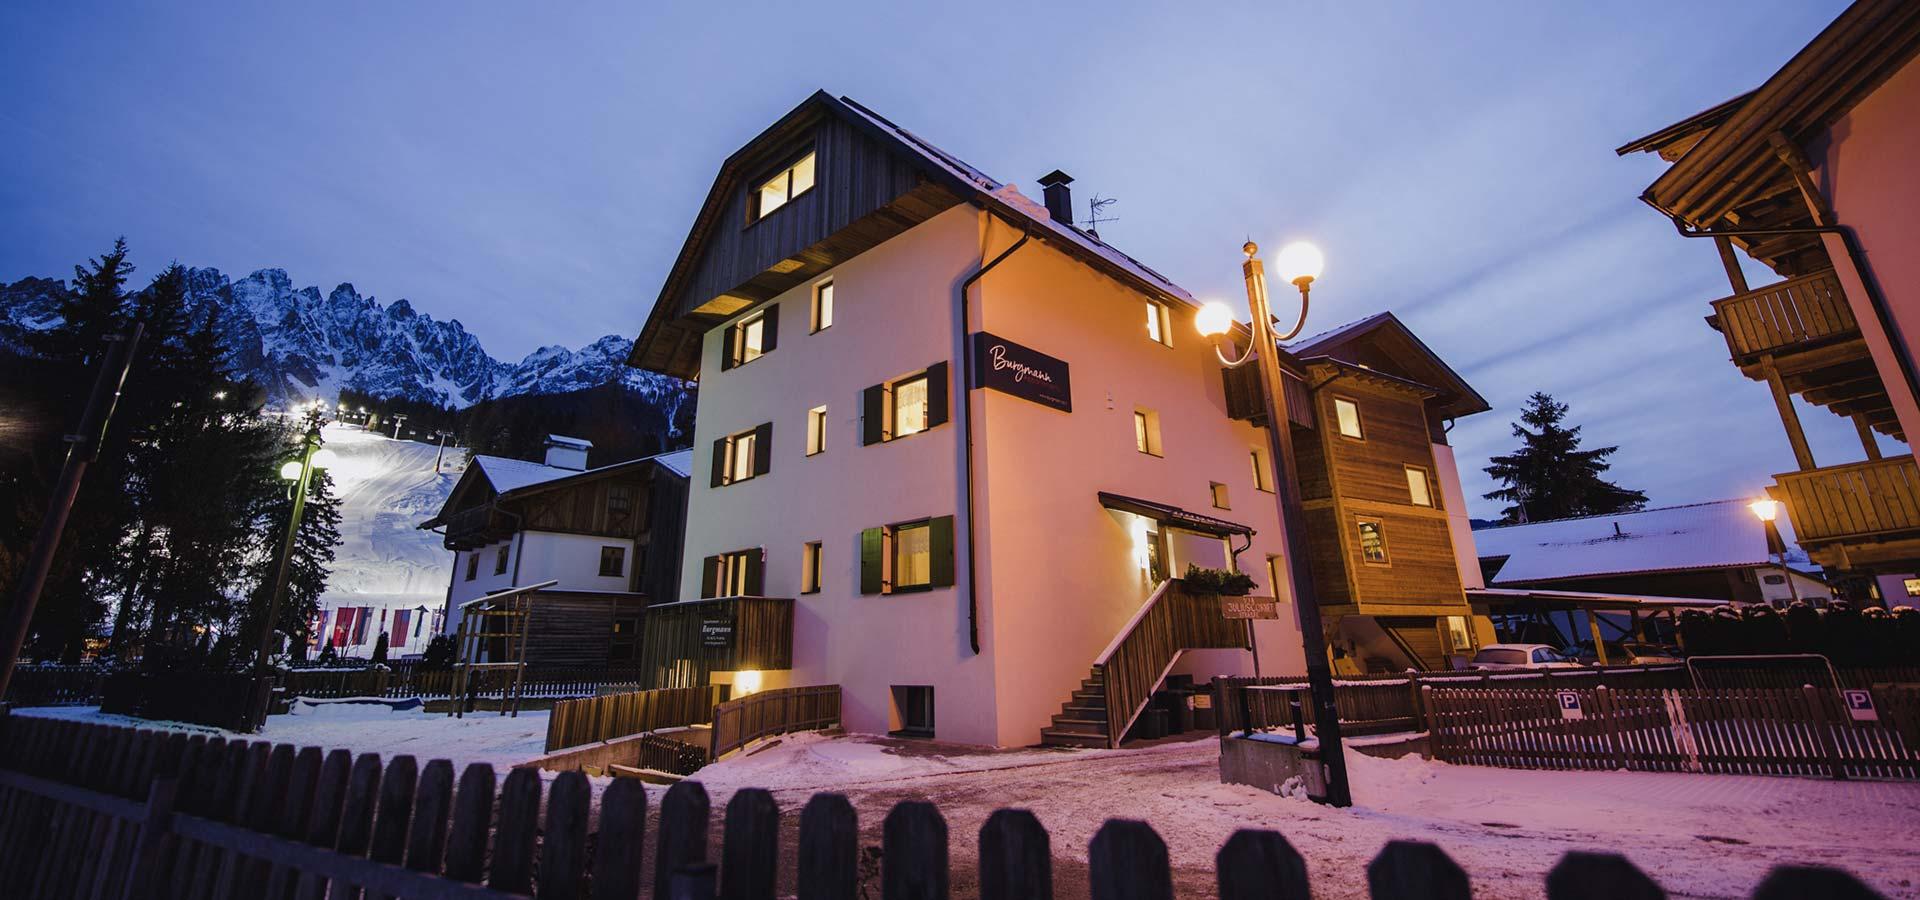 appartamenti-burgmann-notte